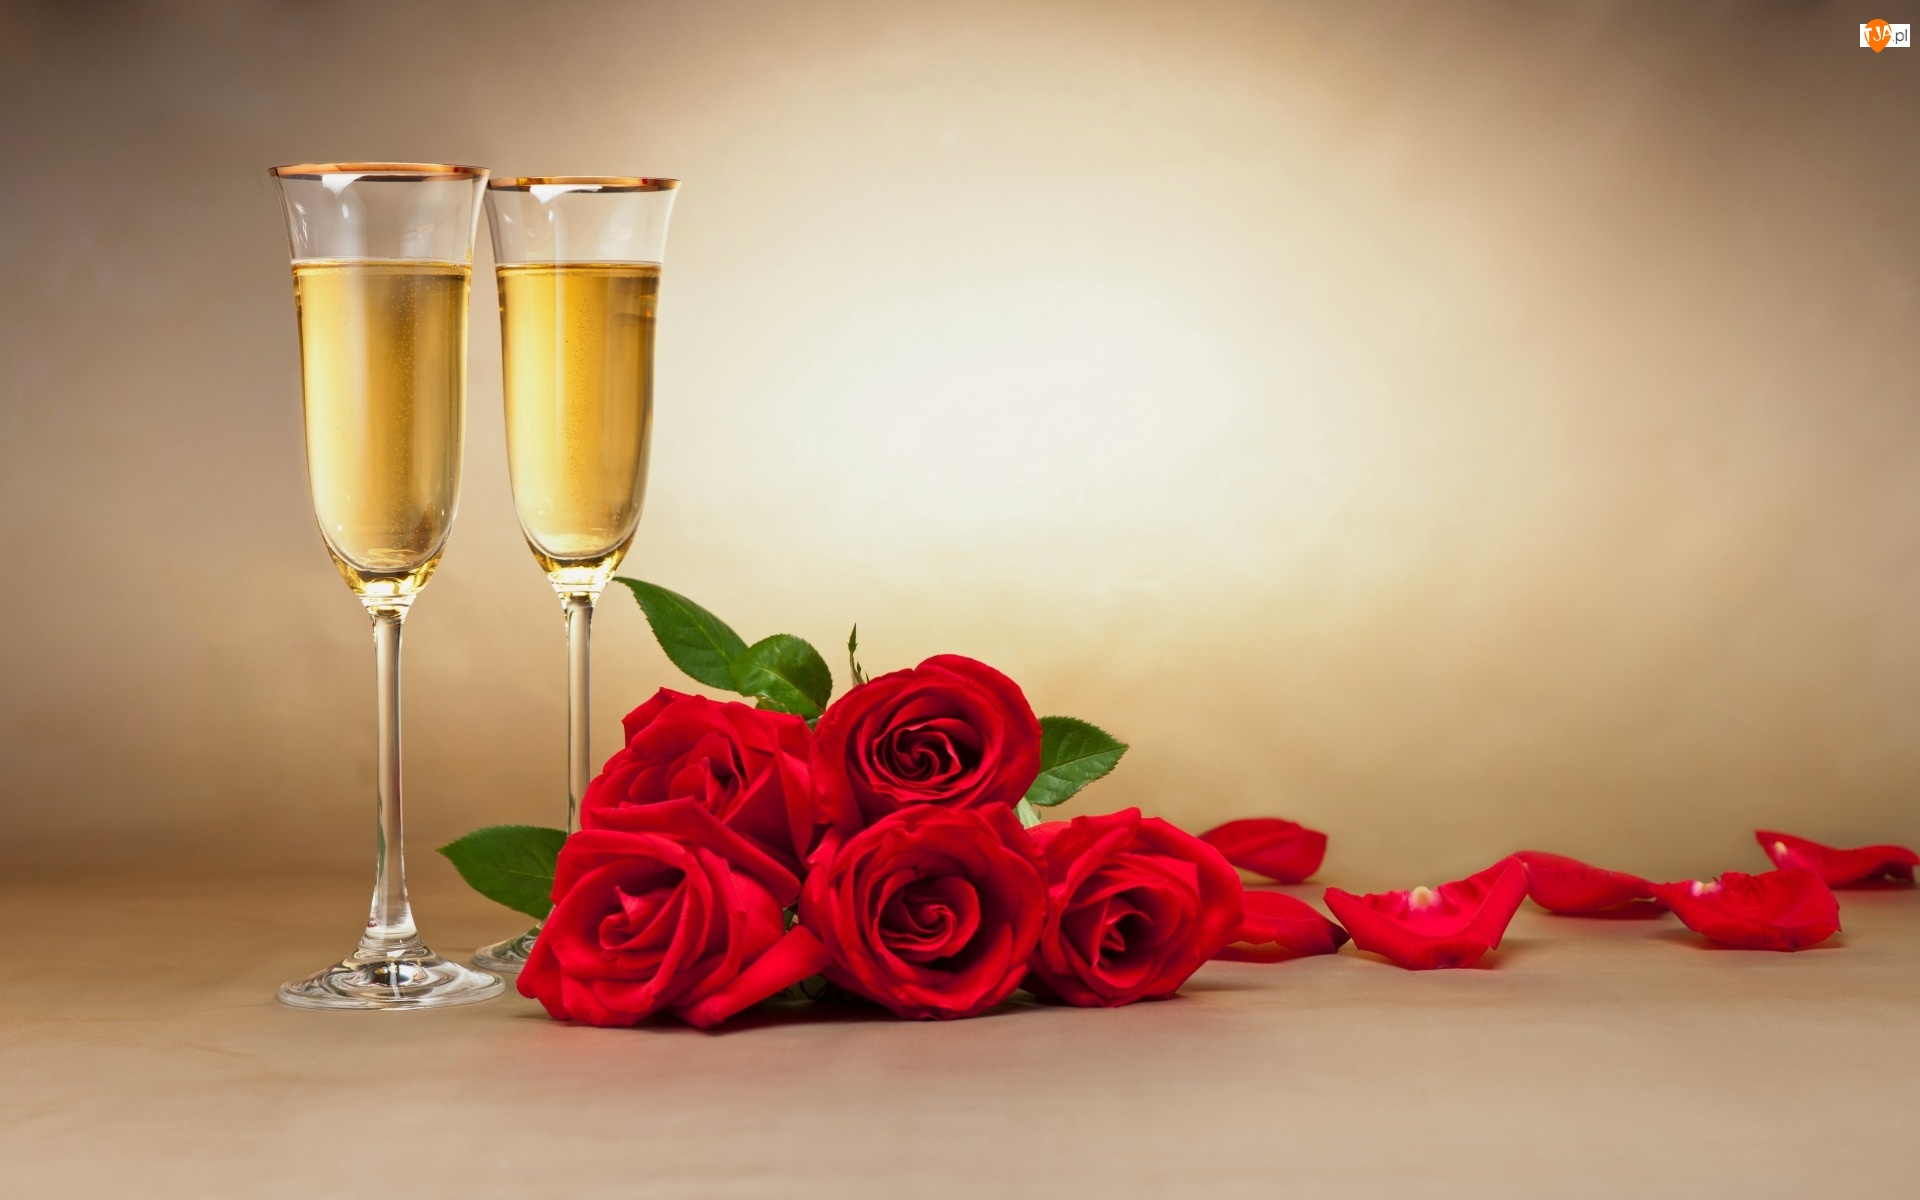 Kieliszki, Czerwone, Walentynki, Róże, Urodziny, Szampan